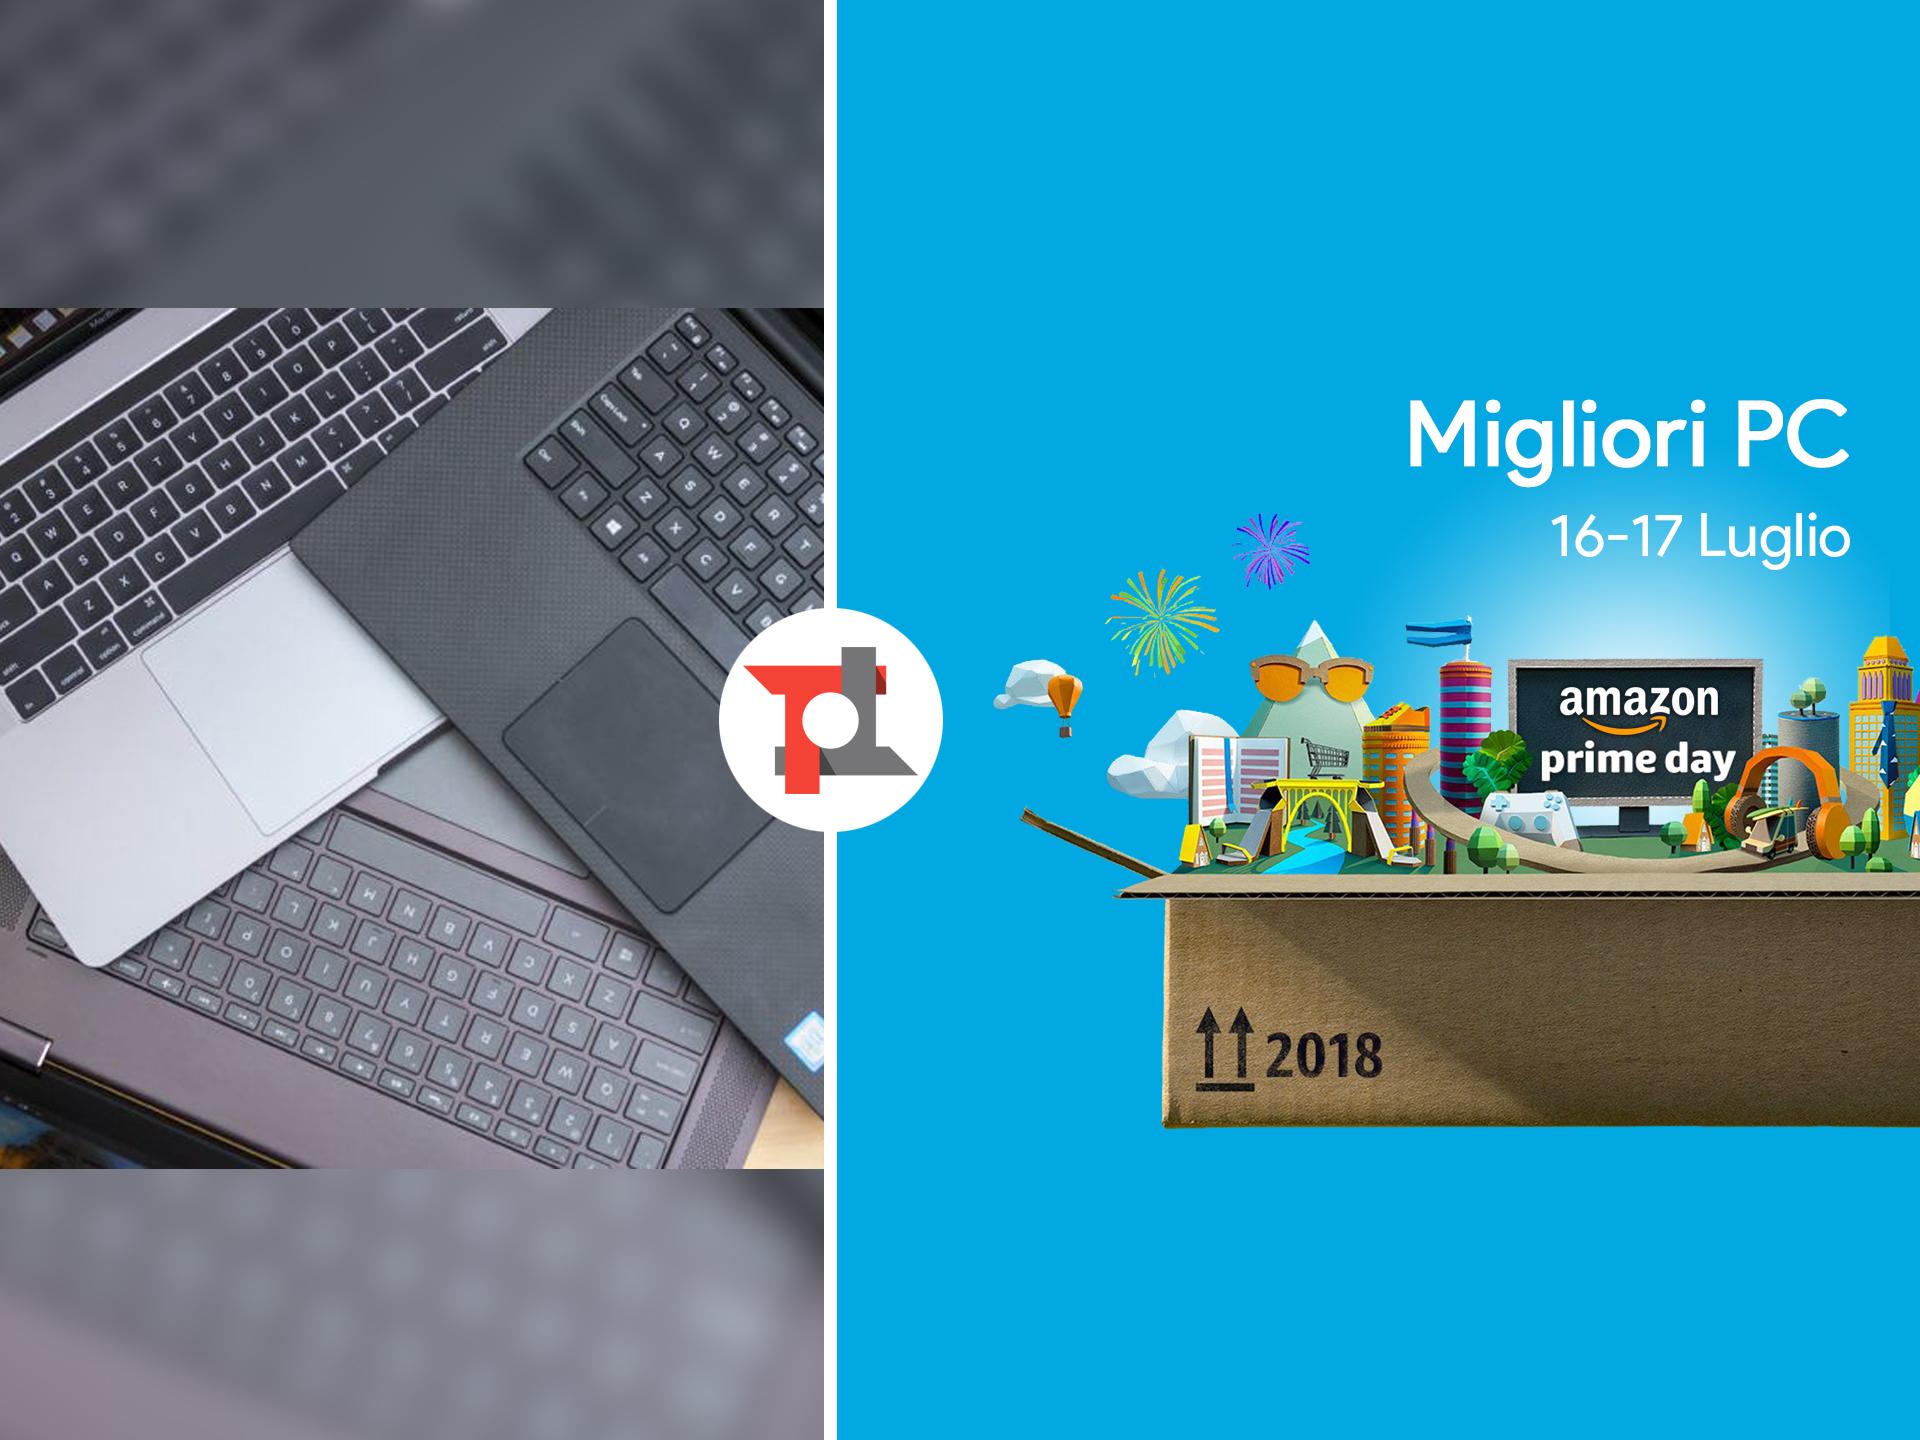 Oggi è il Prime Day 2018 di Amazon